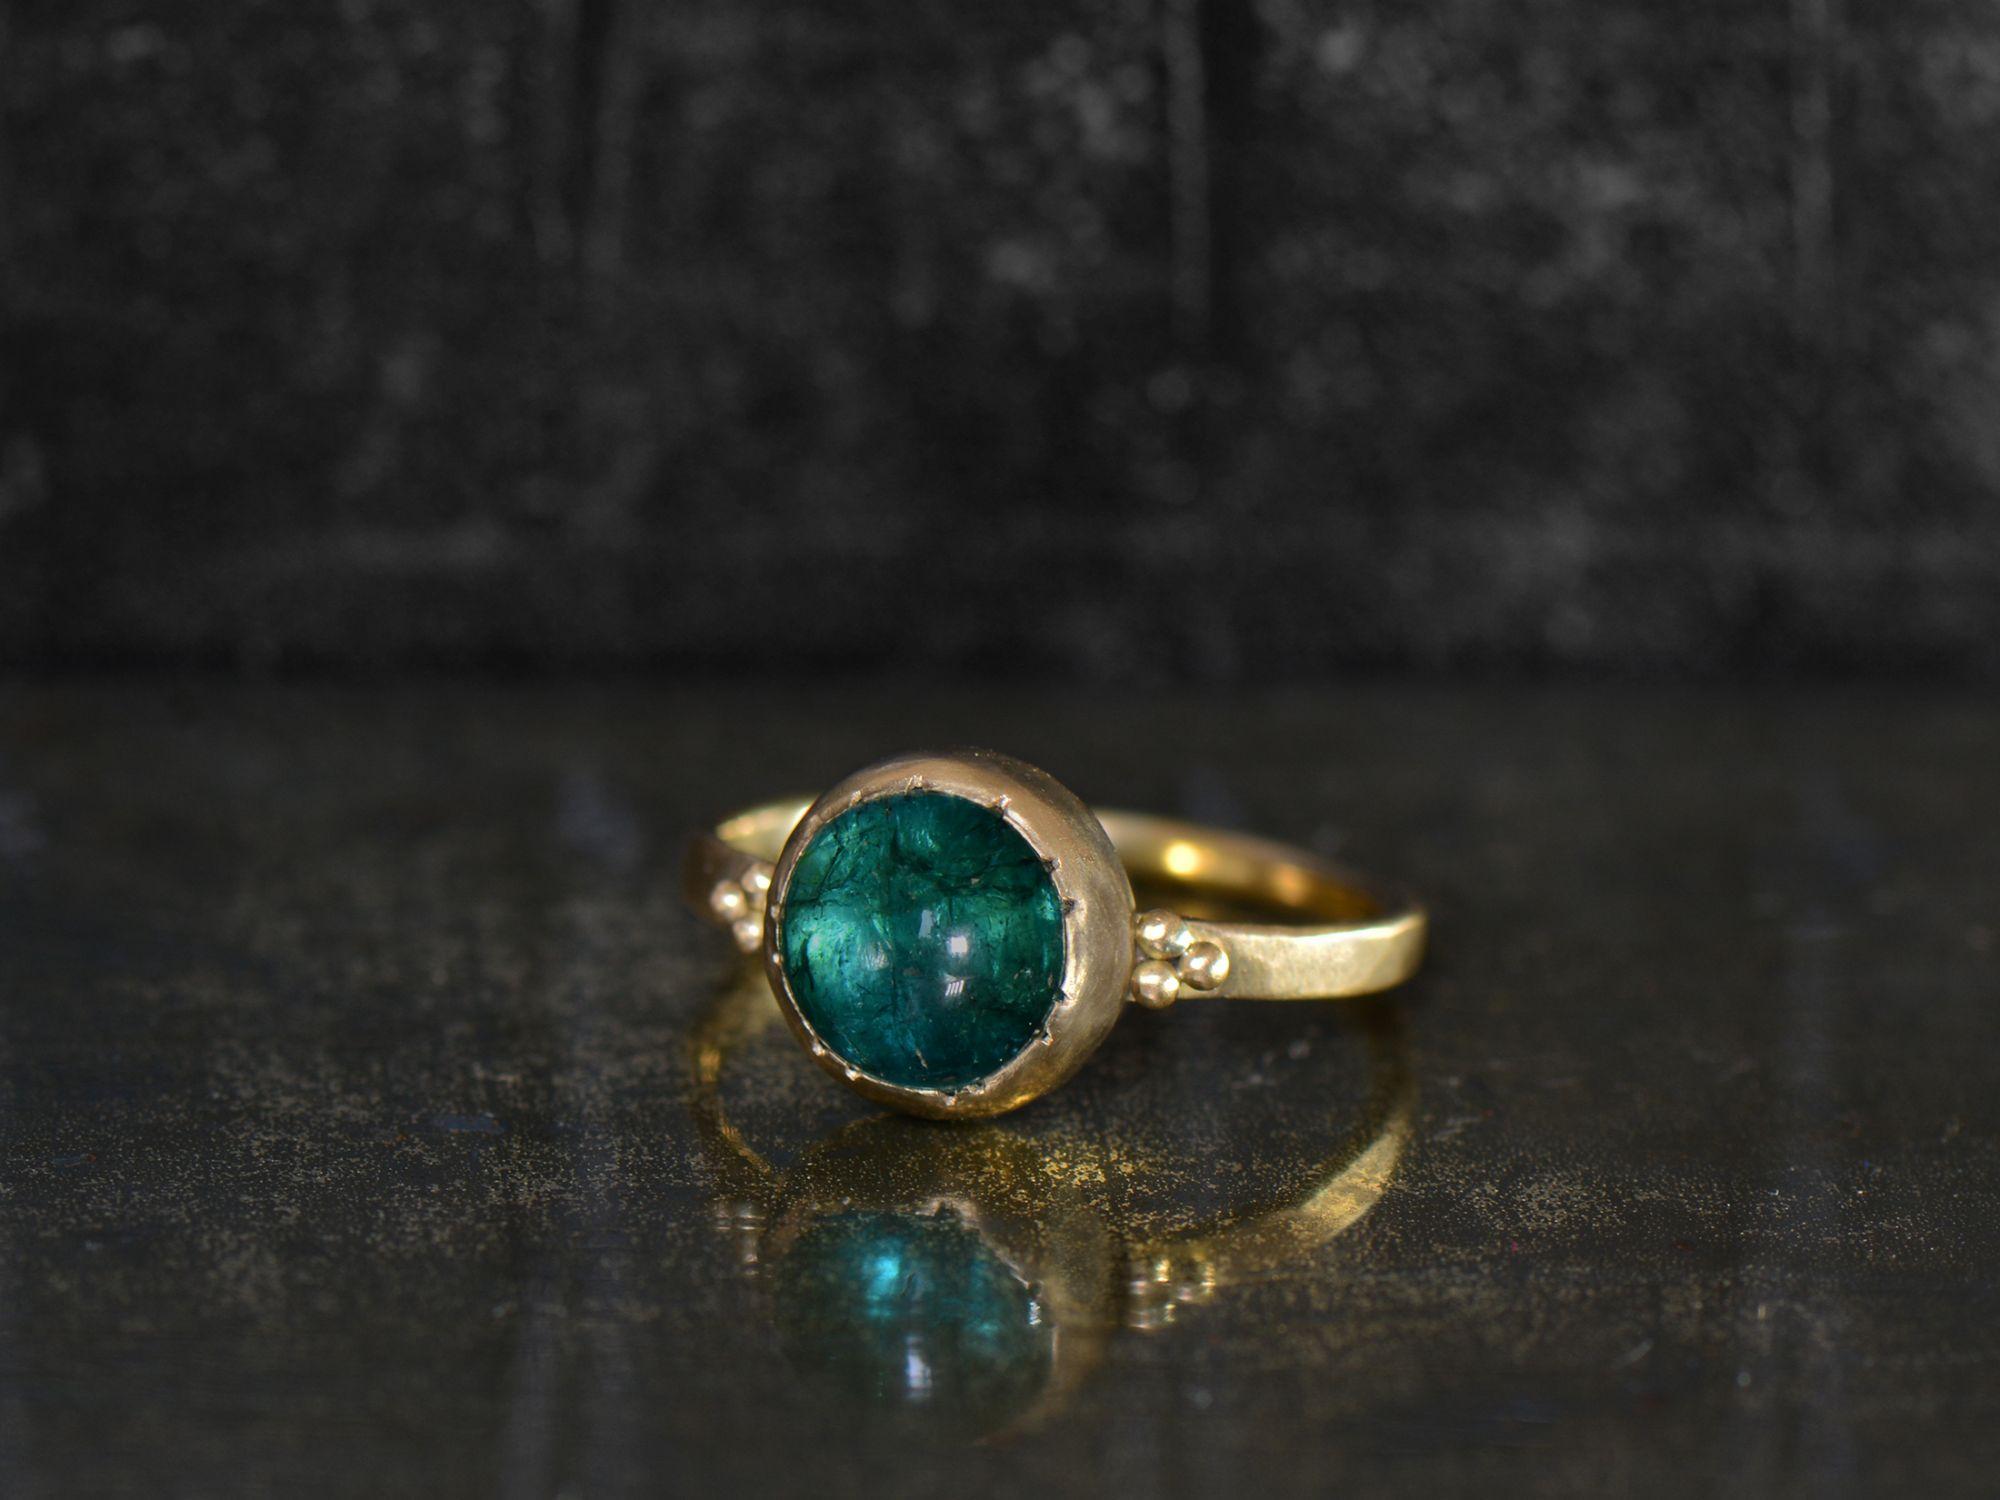 Queen B yellow gold round tourmaline ring by Emmanuelle Zysman